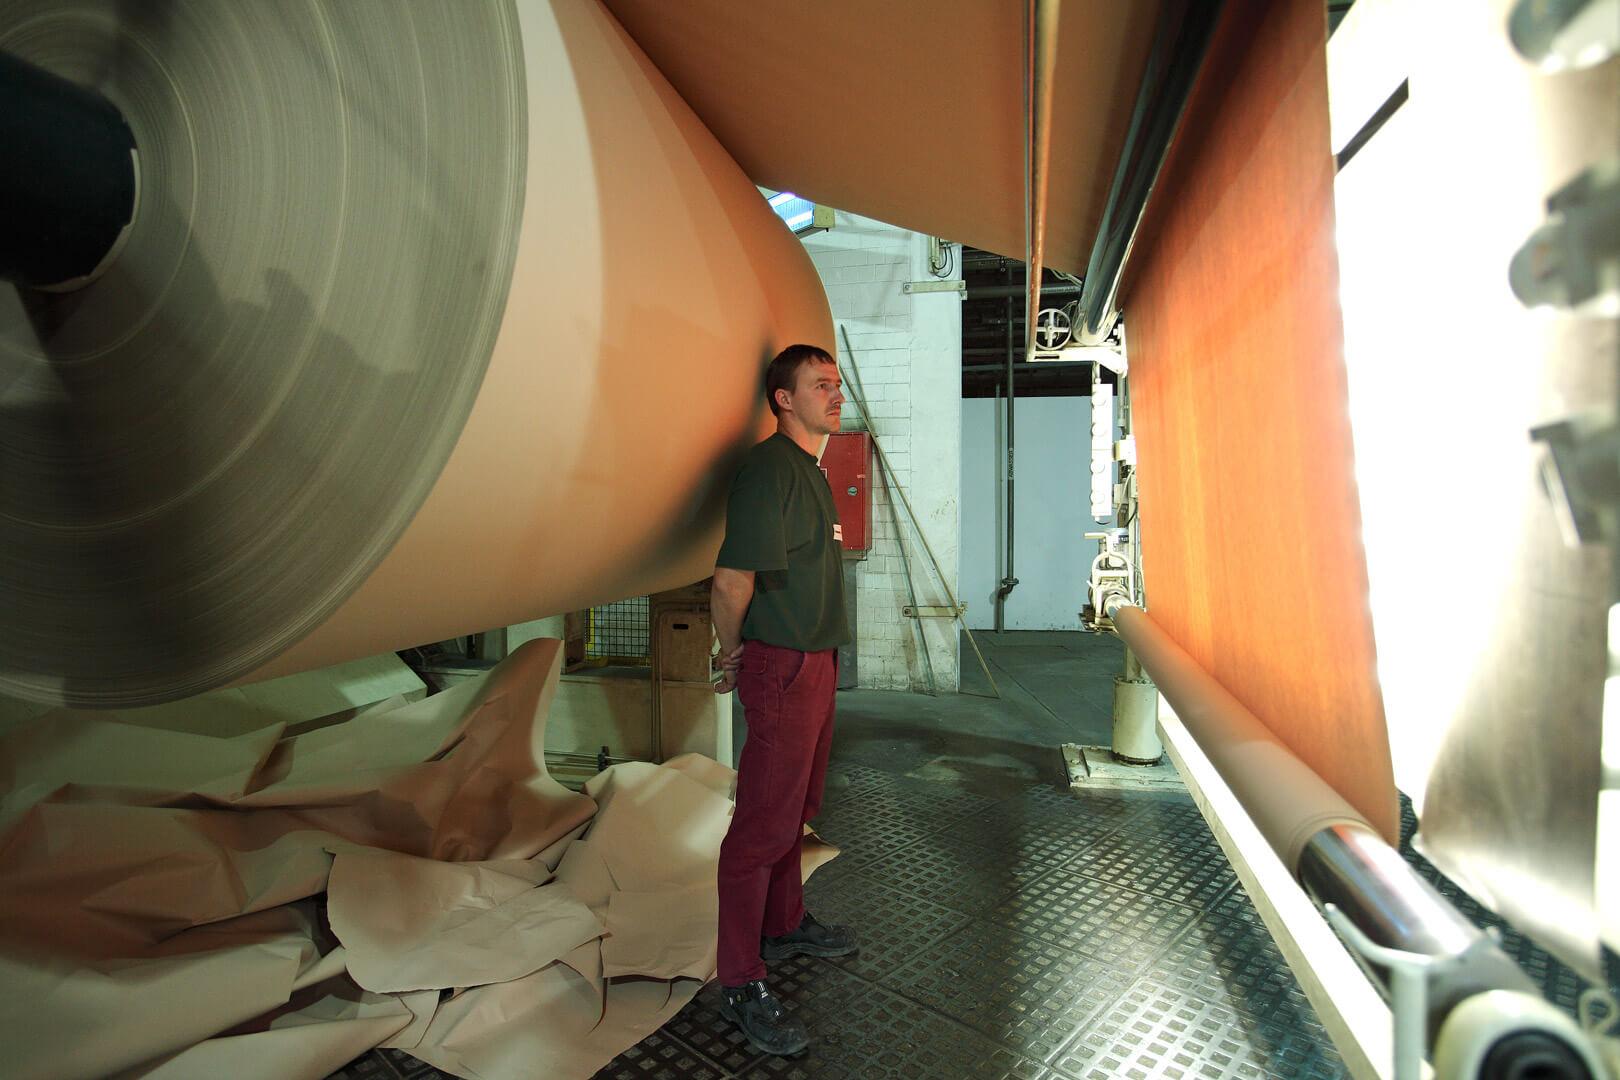 Herstellung Regenerat Papier - Papiermaschine - visuelle Qualitätskontrolle